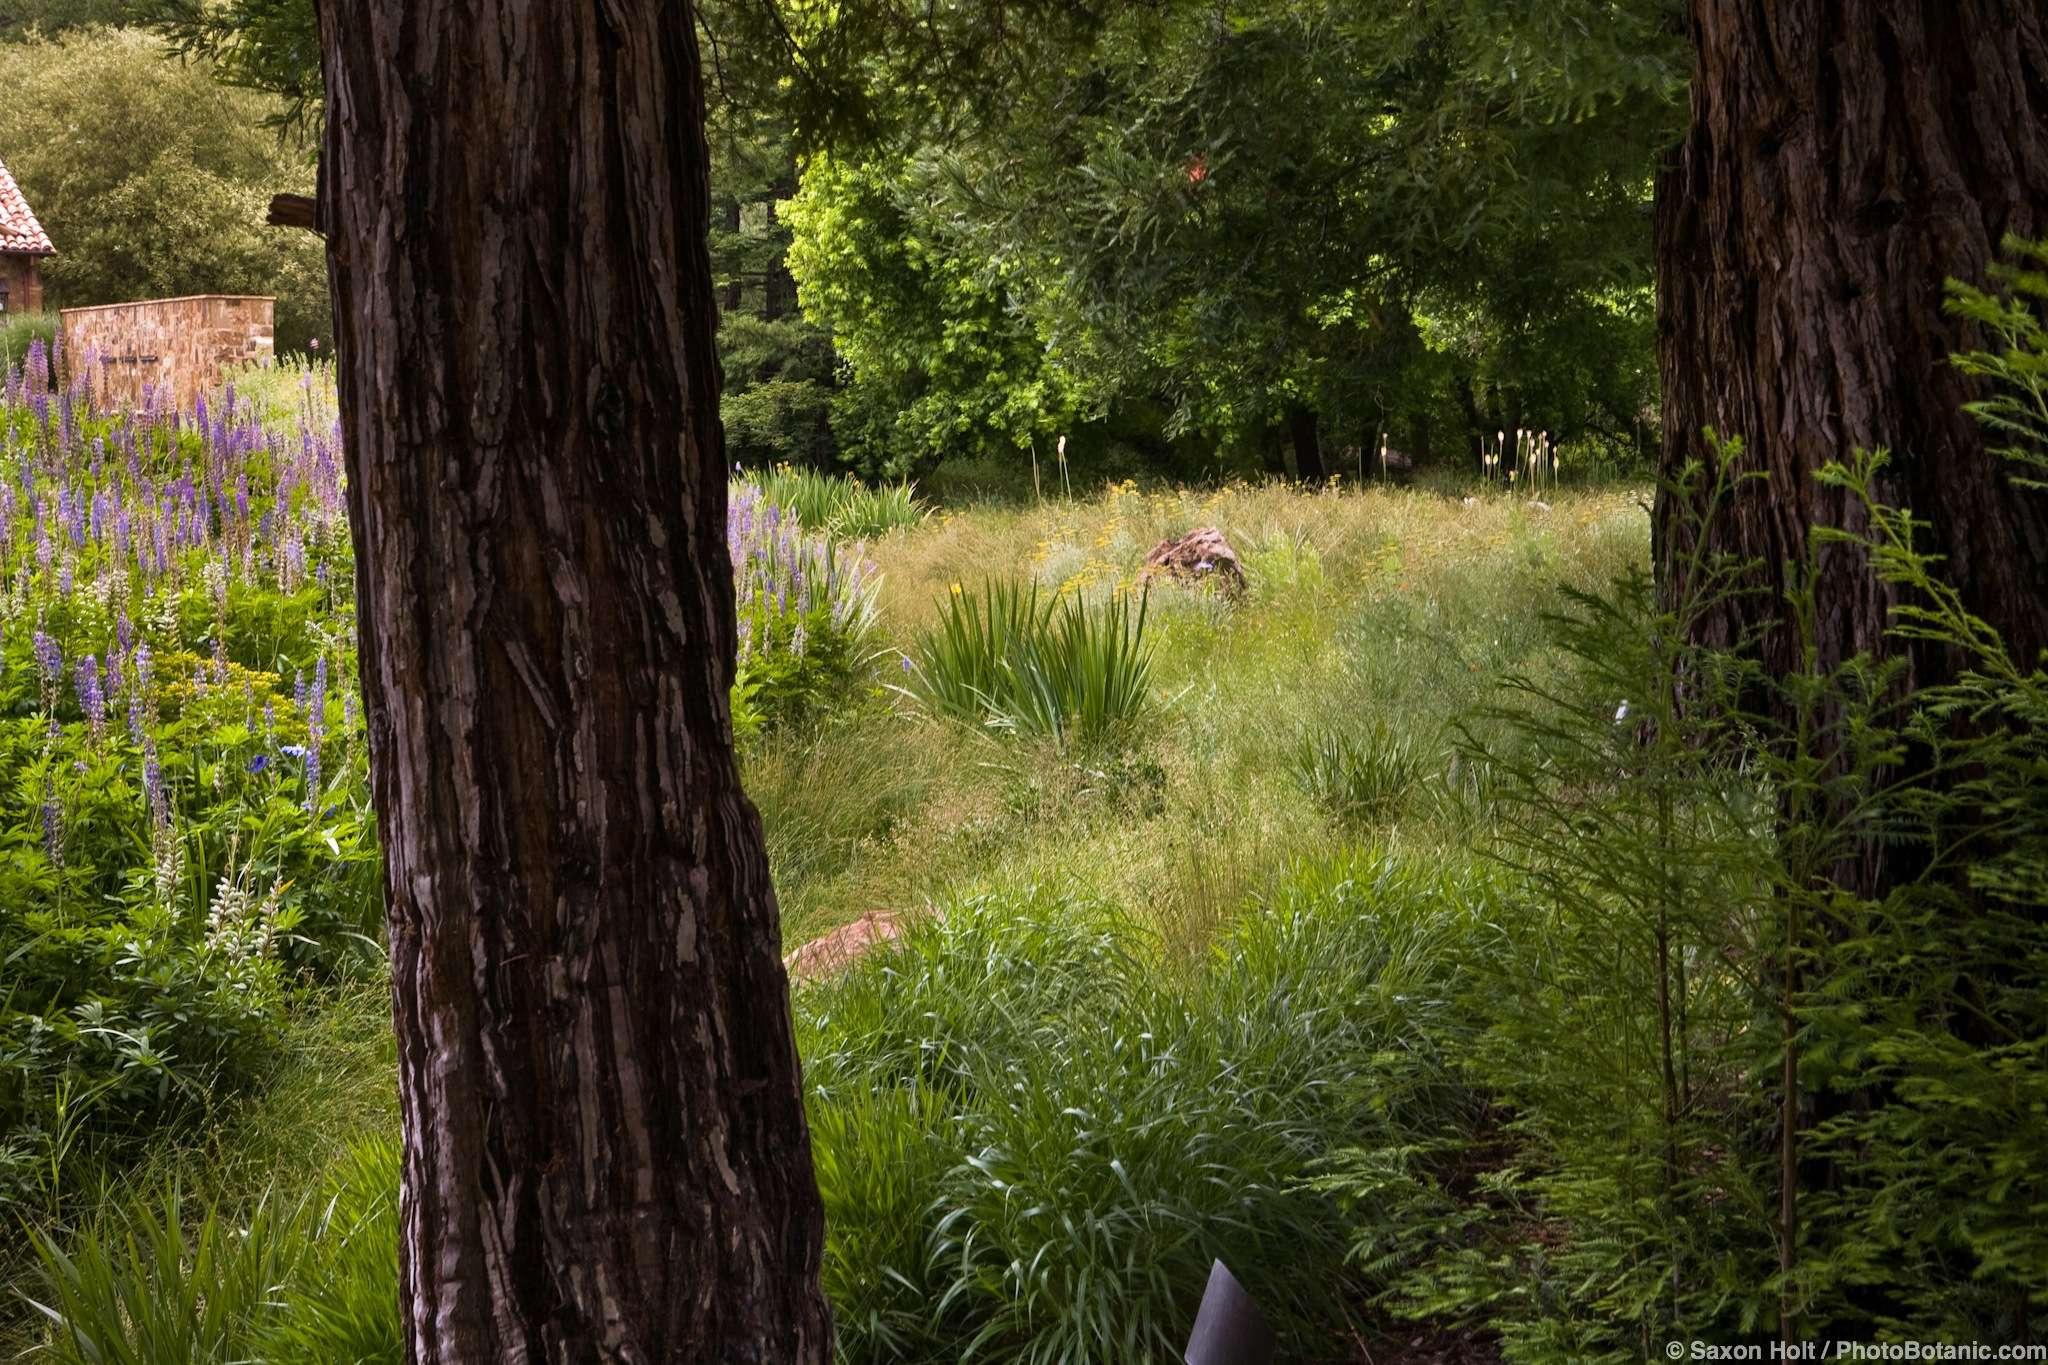 Meadow as rain garden seen through trees edging California naturalistic garden